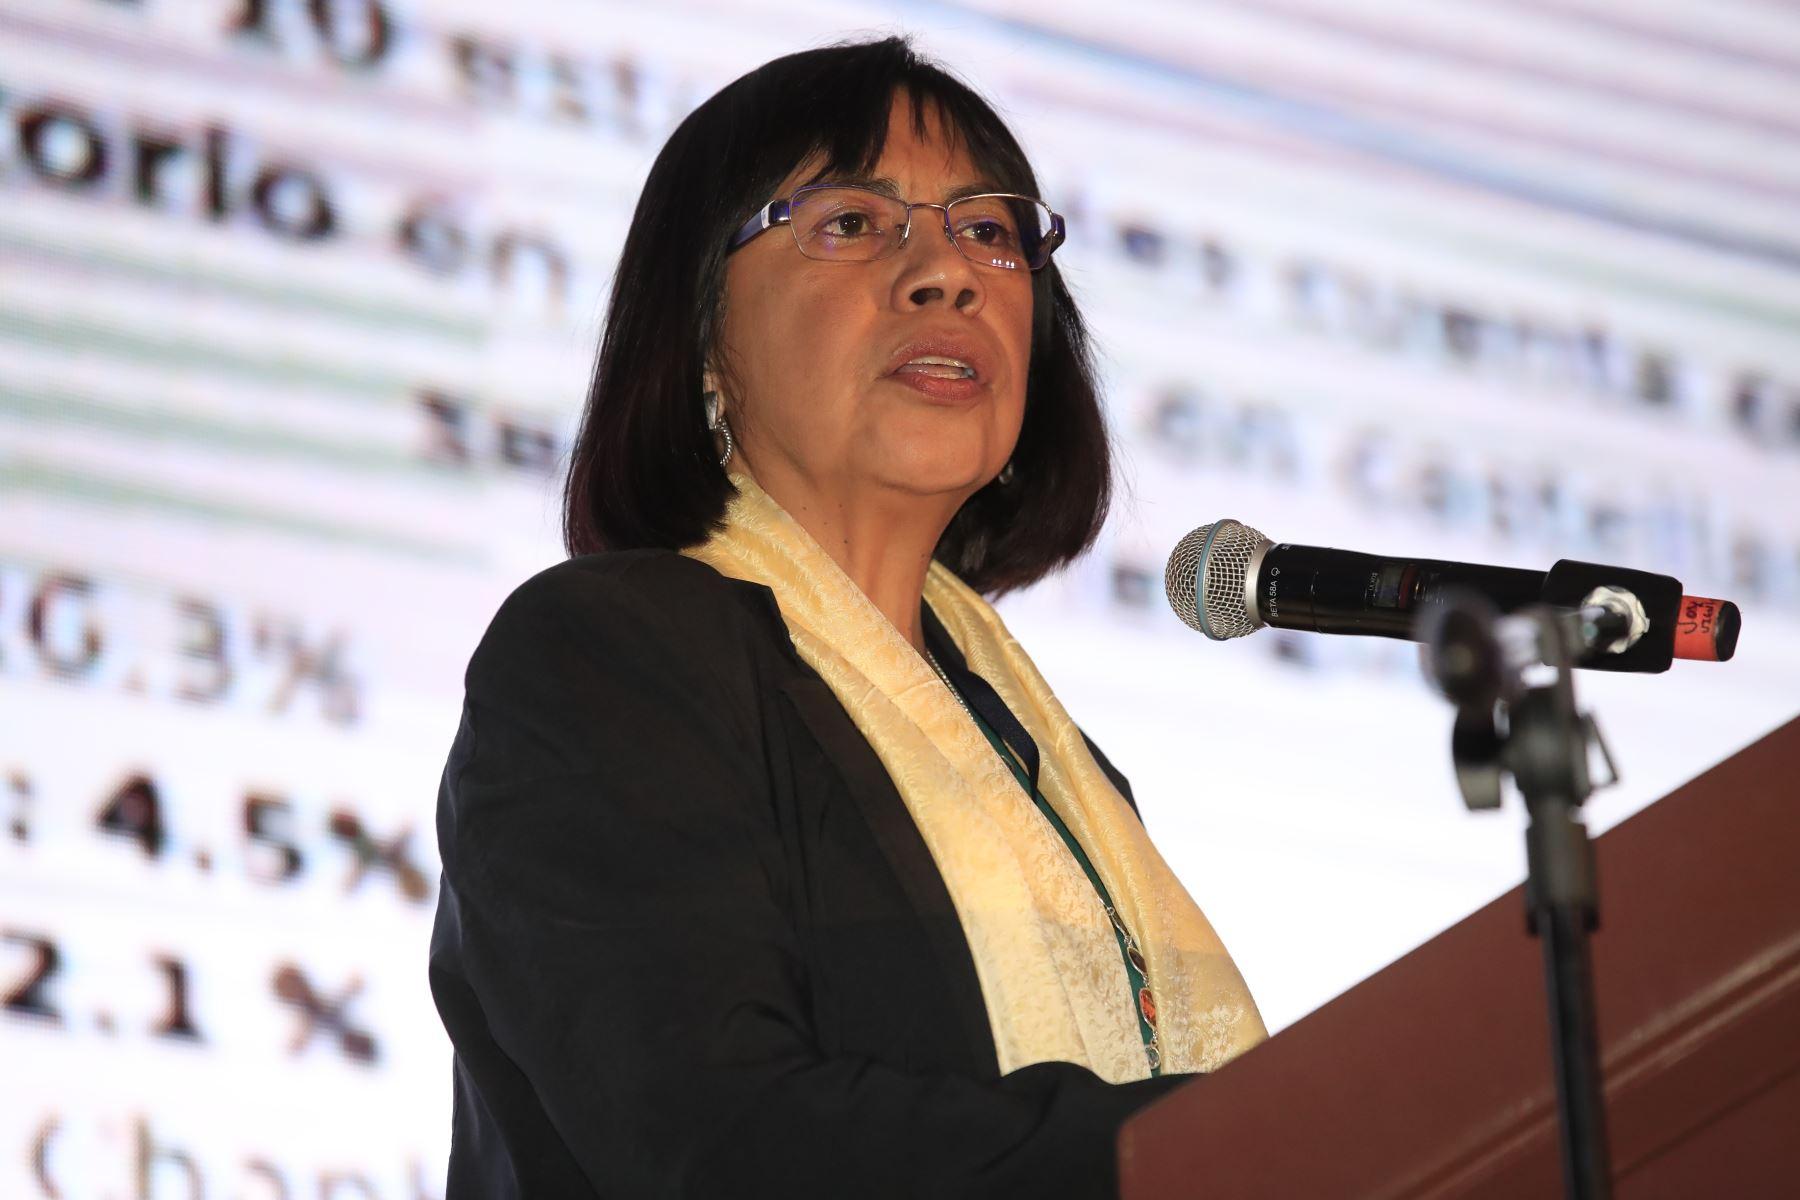 Ana Andrade, viceministra de Gestión Pedagógica, durante su exposición en el foro: Perú CEO Impact Summit   Foto: Andina/Juan Carlos Guzman Negrini